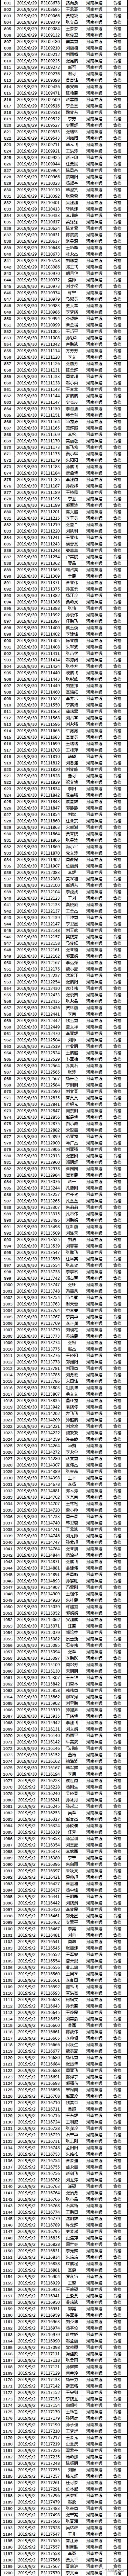 郑州港区富士康【神通&永兴和】合伙人合格名单201911第一期-FOXZM